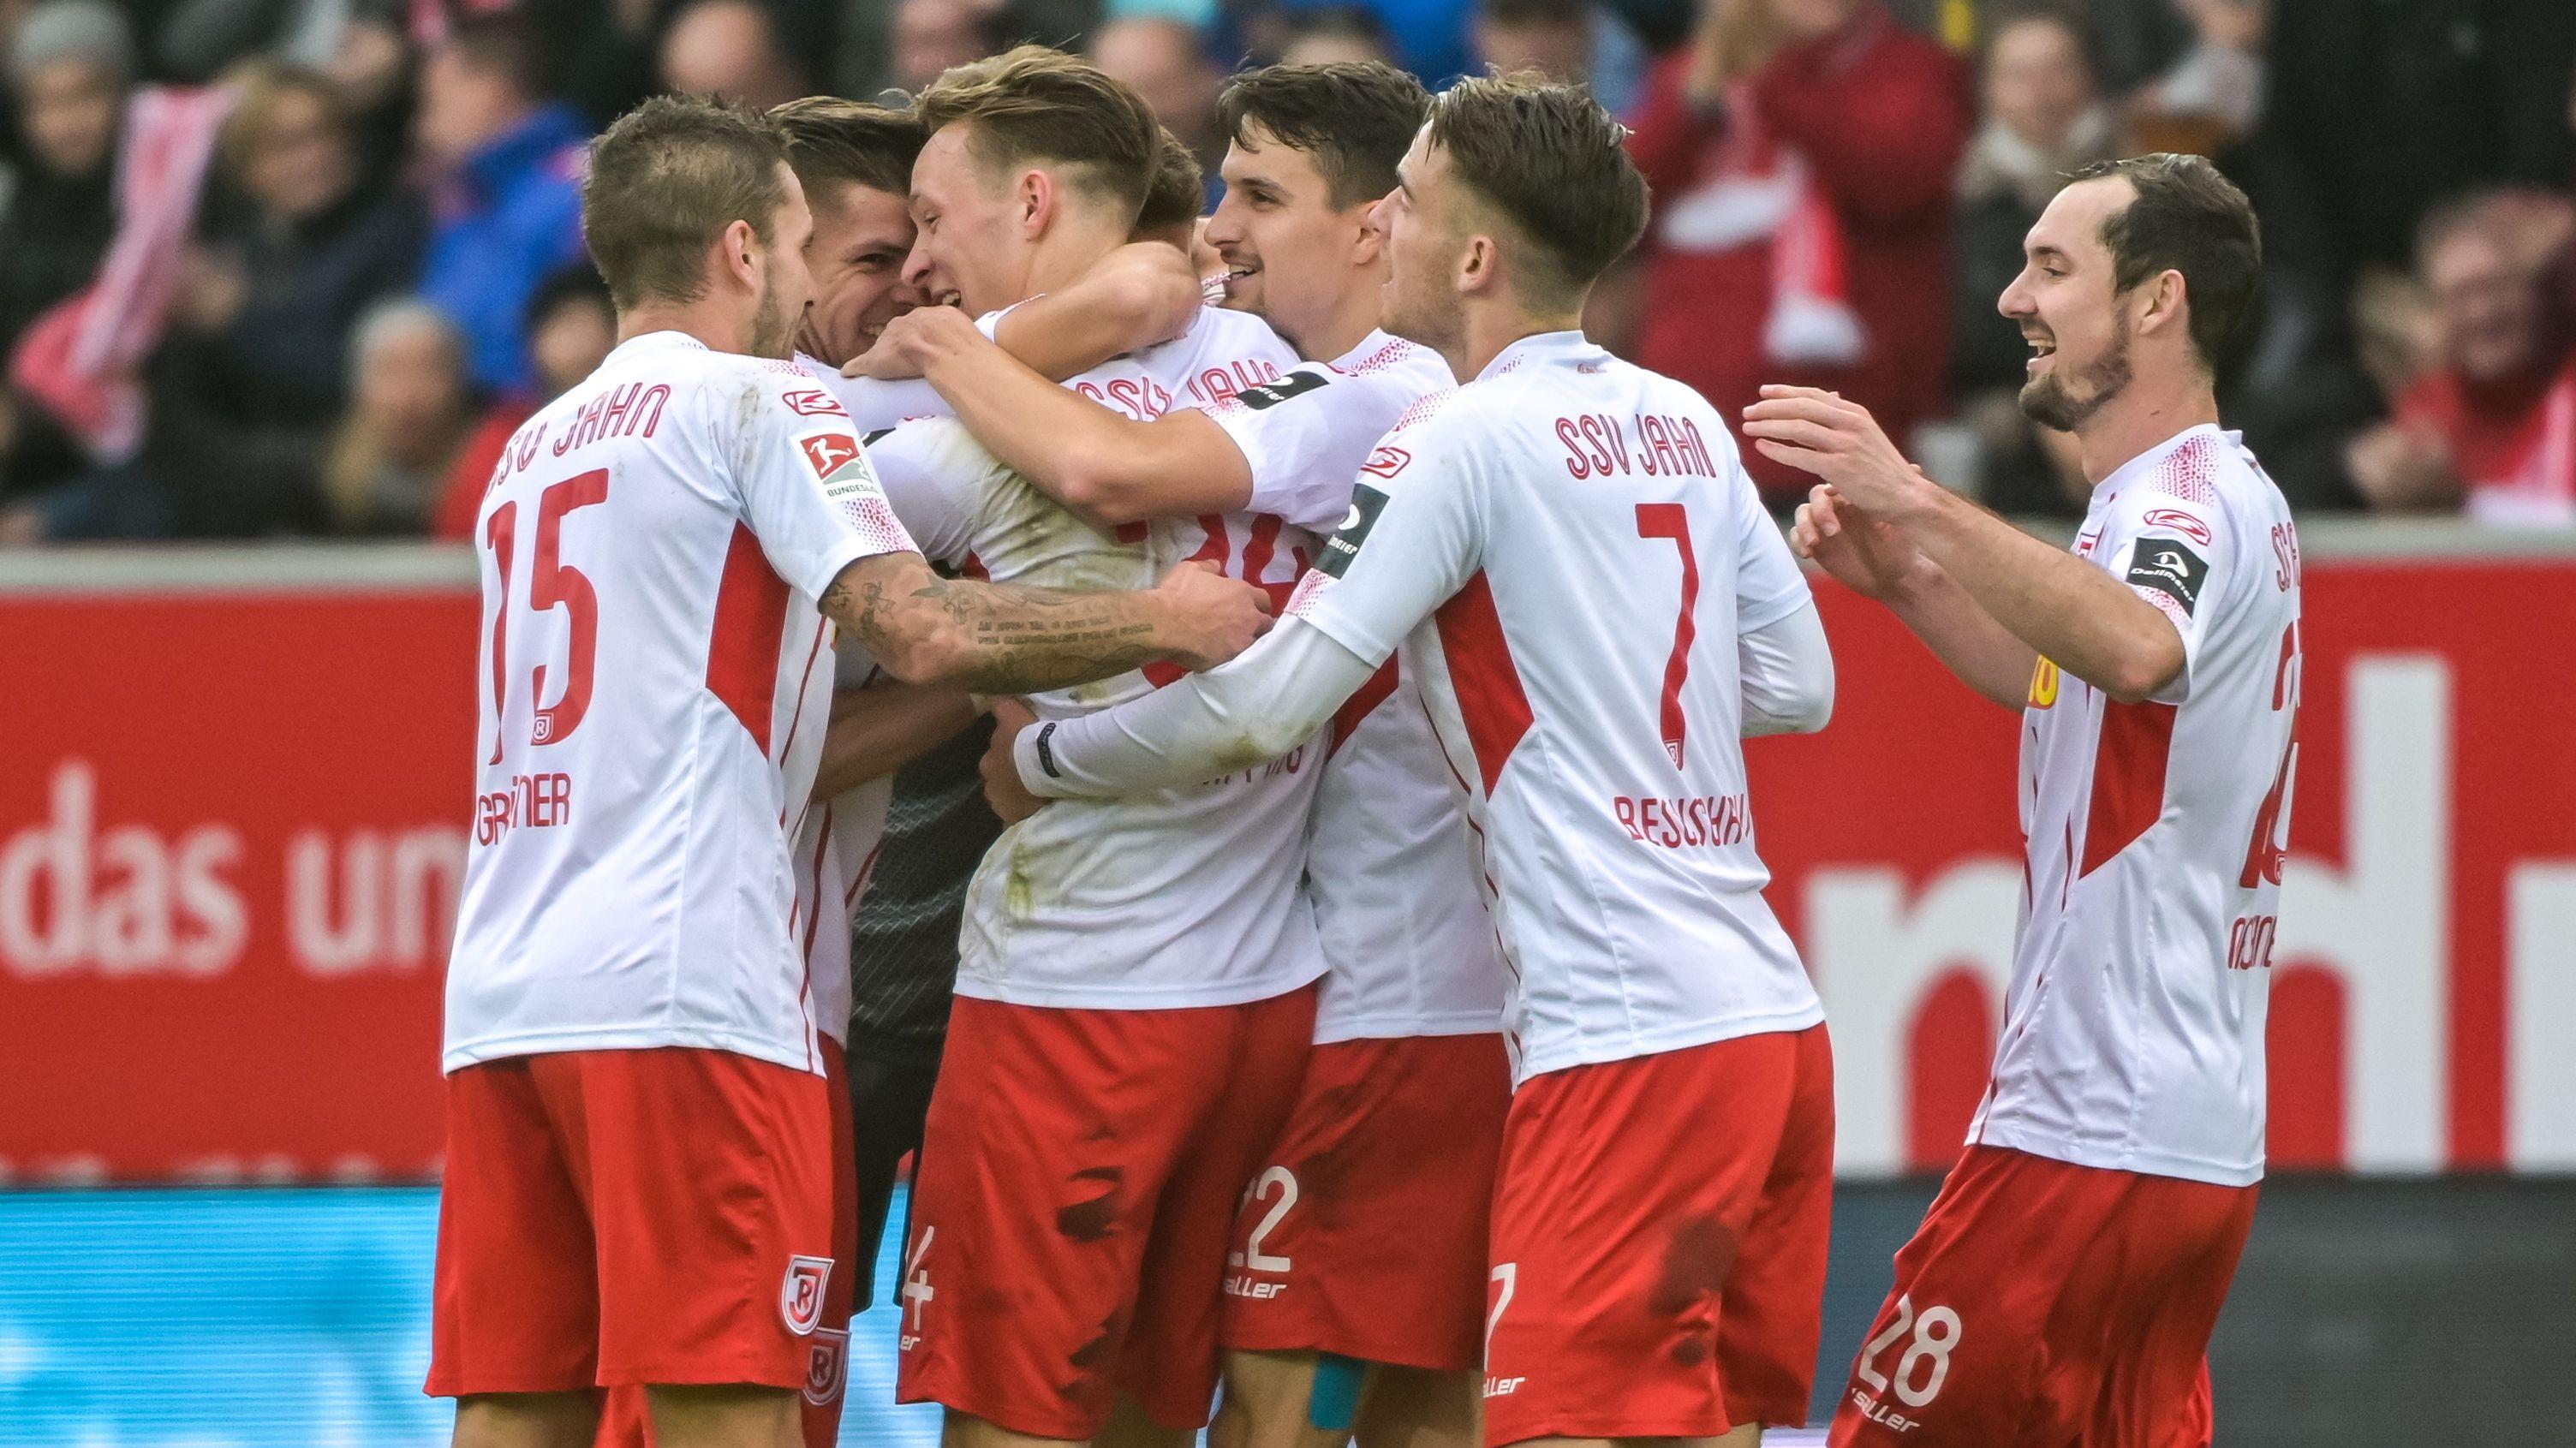 Jubel bei den Spielern vom SSV Jahn Regensburg